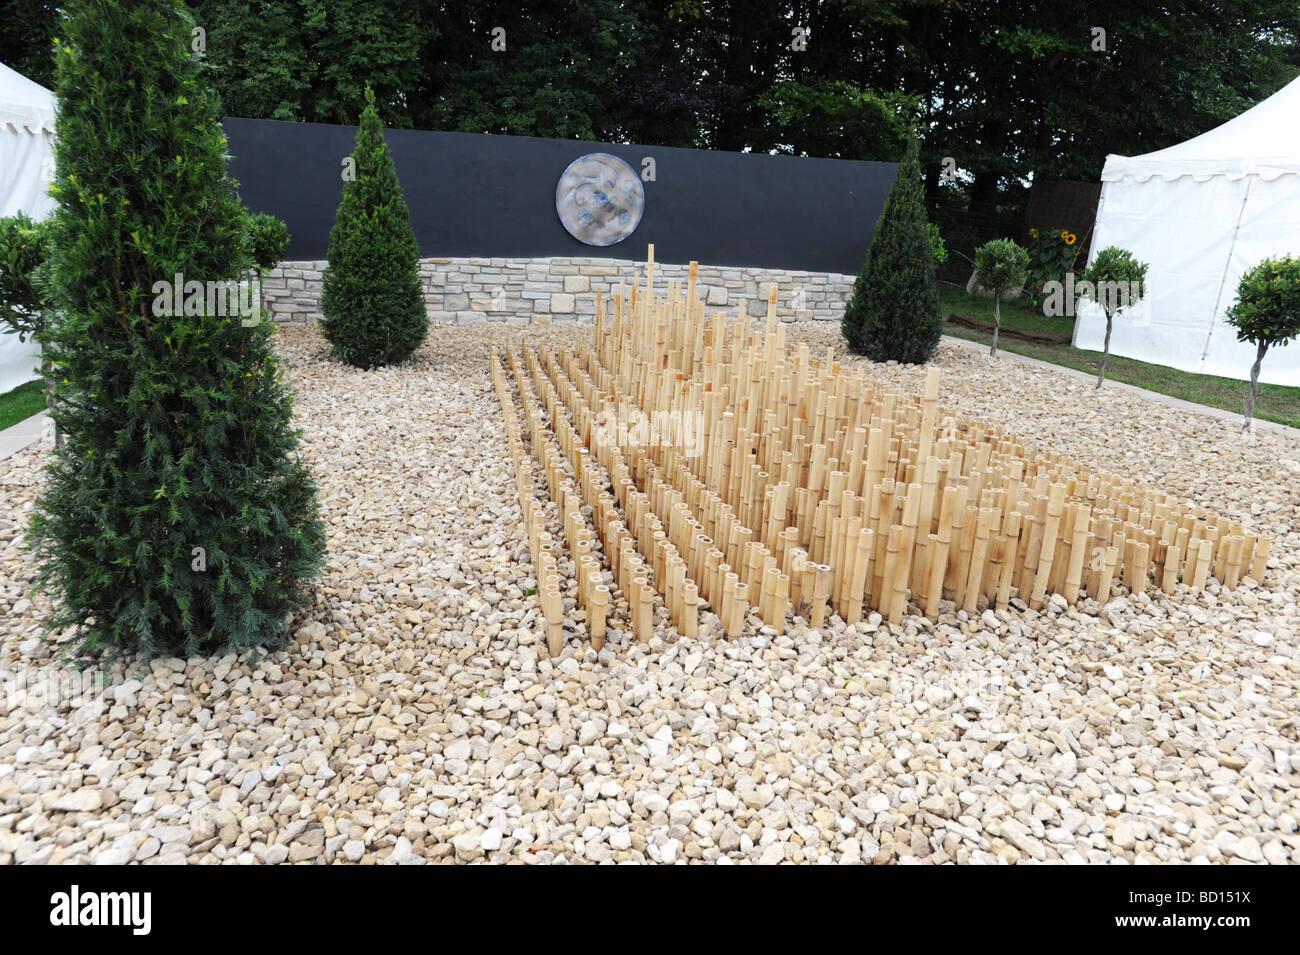 minimalist garden design at rhs tatton park flower show knutsford cheshire